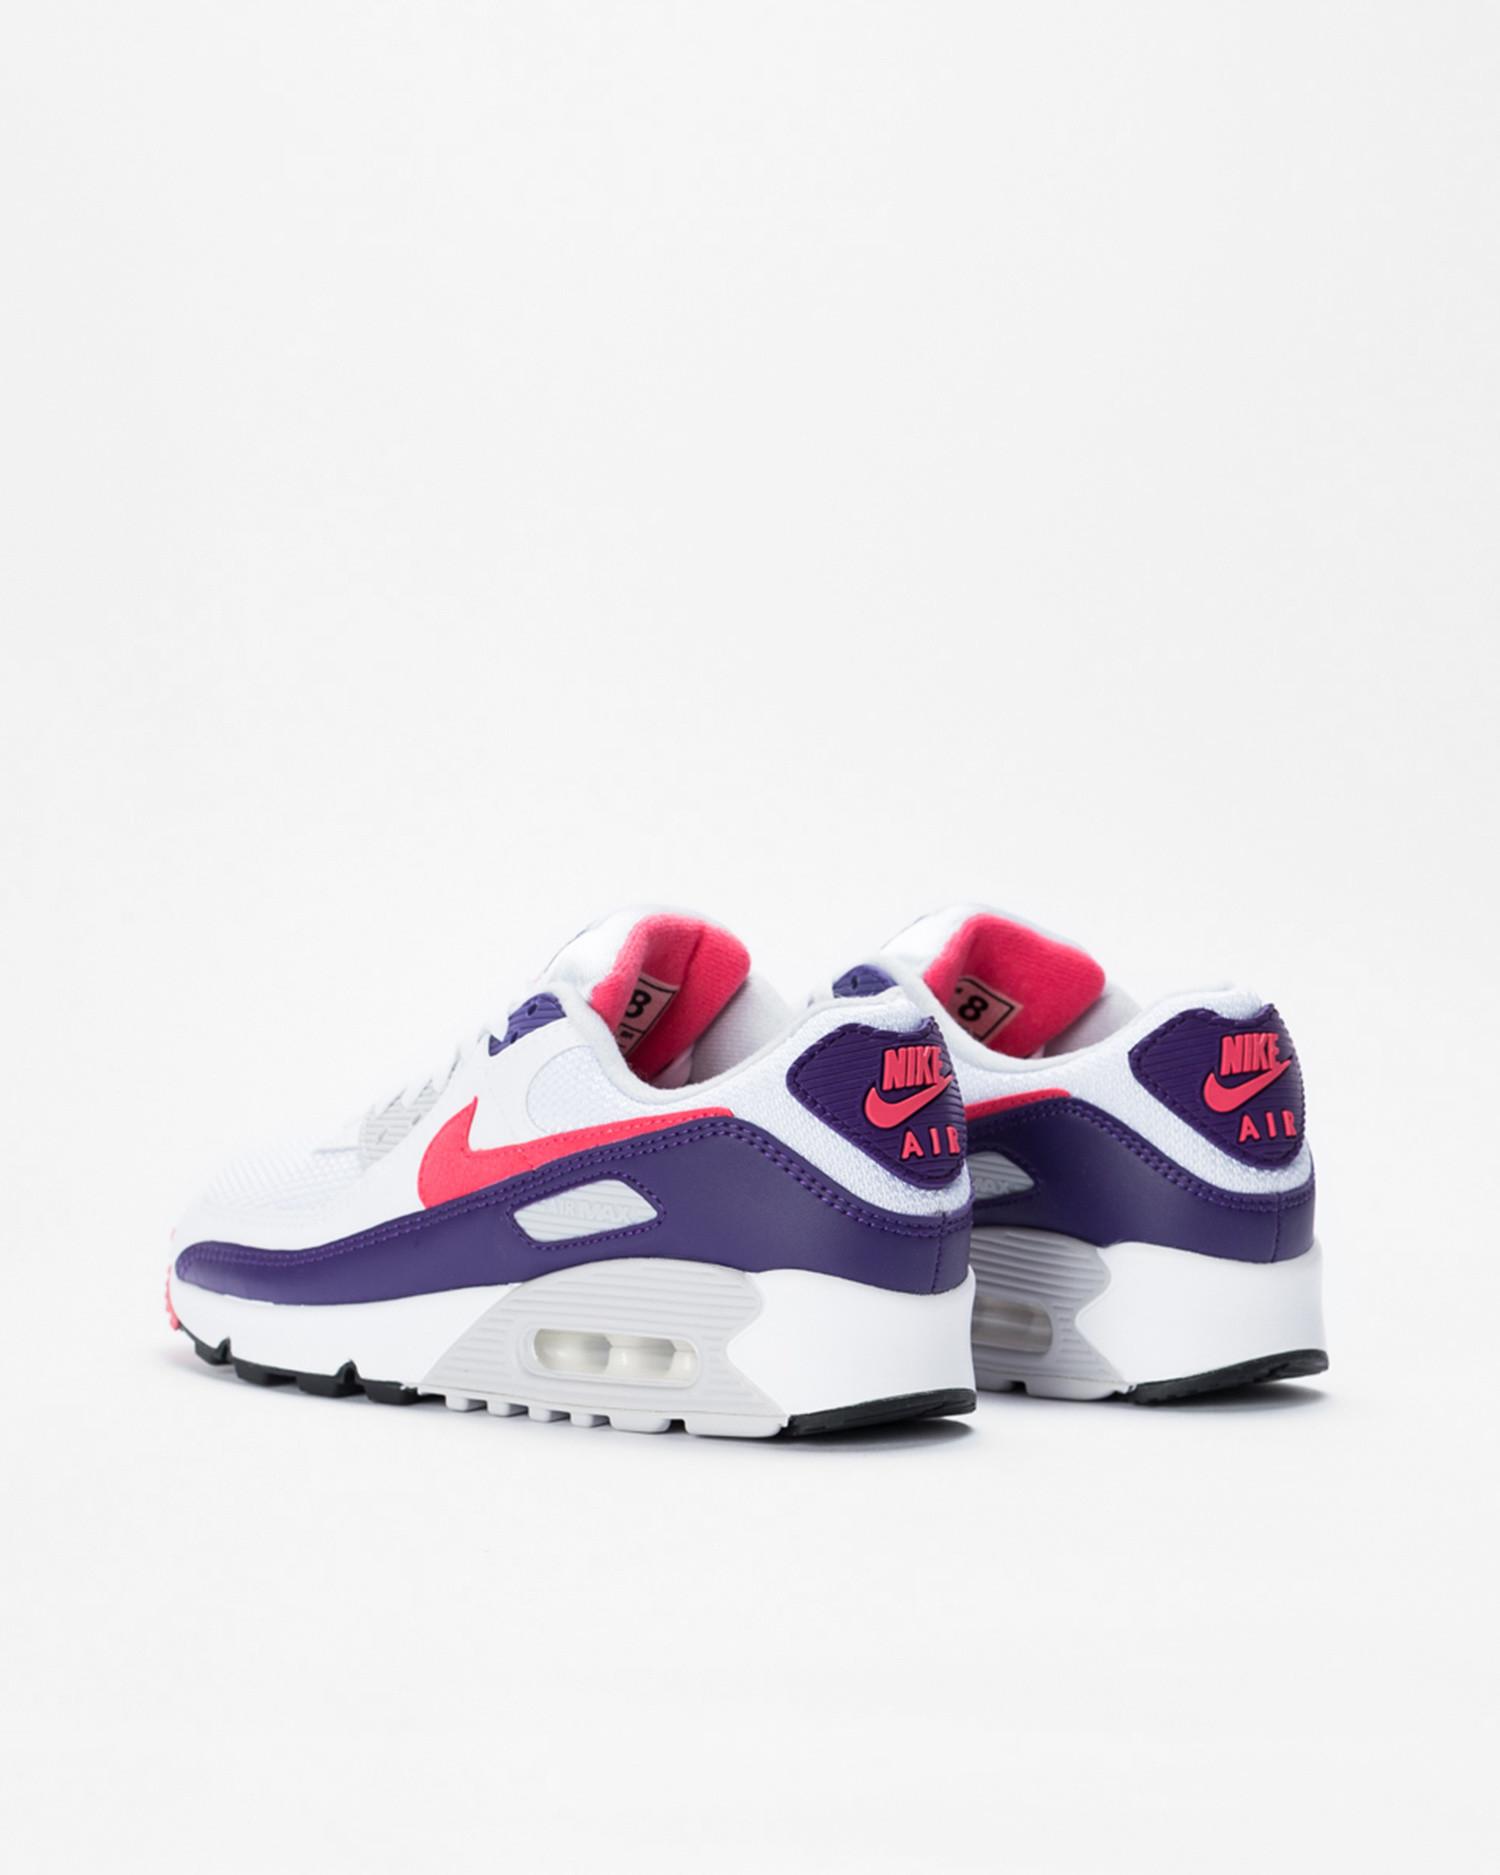 W Nike air max III White/eggplant-flare-zen grey